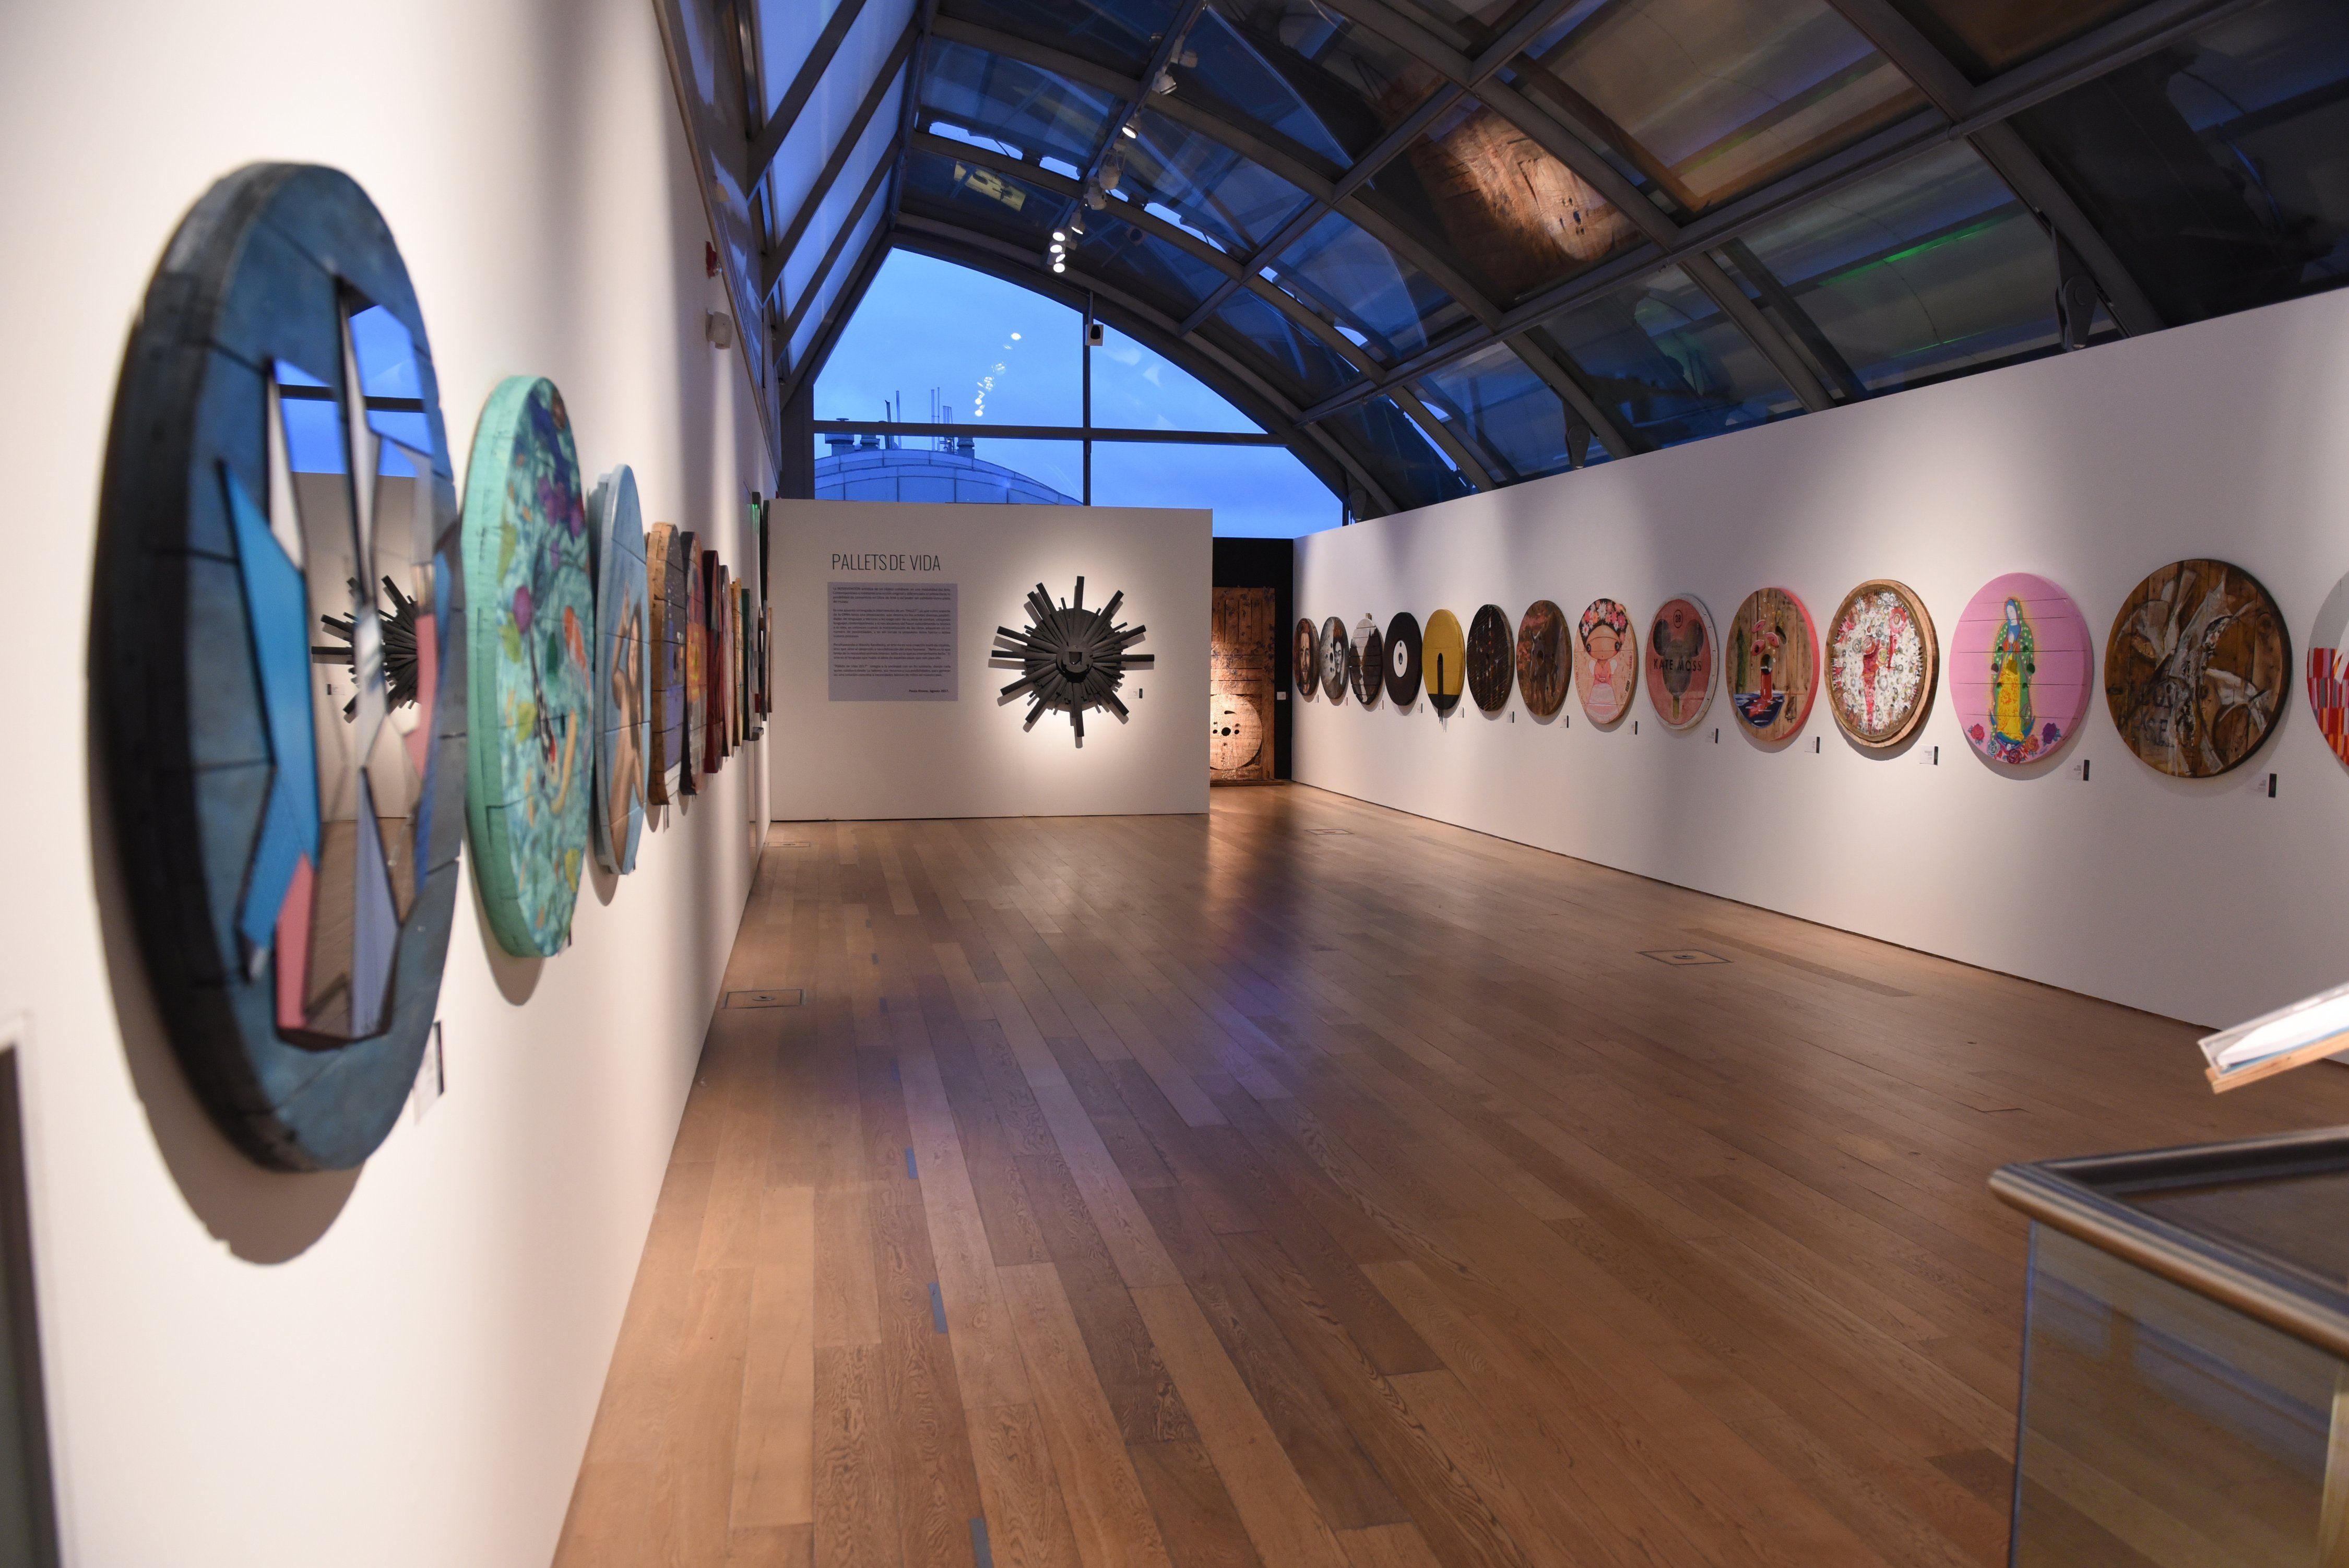 Pallets de Vida 2017: el evento artístico que promueve el enlace entre el arte y la solidaridad